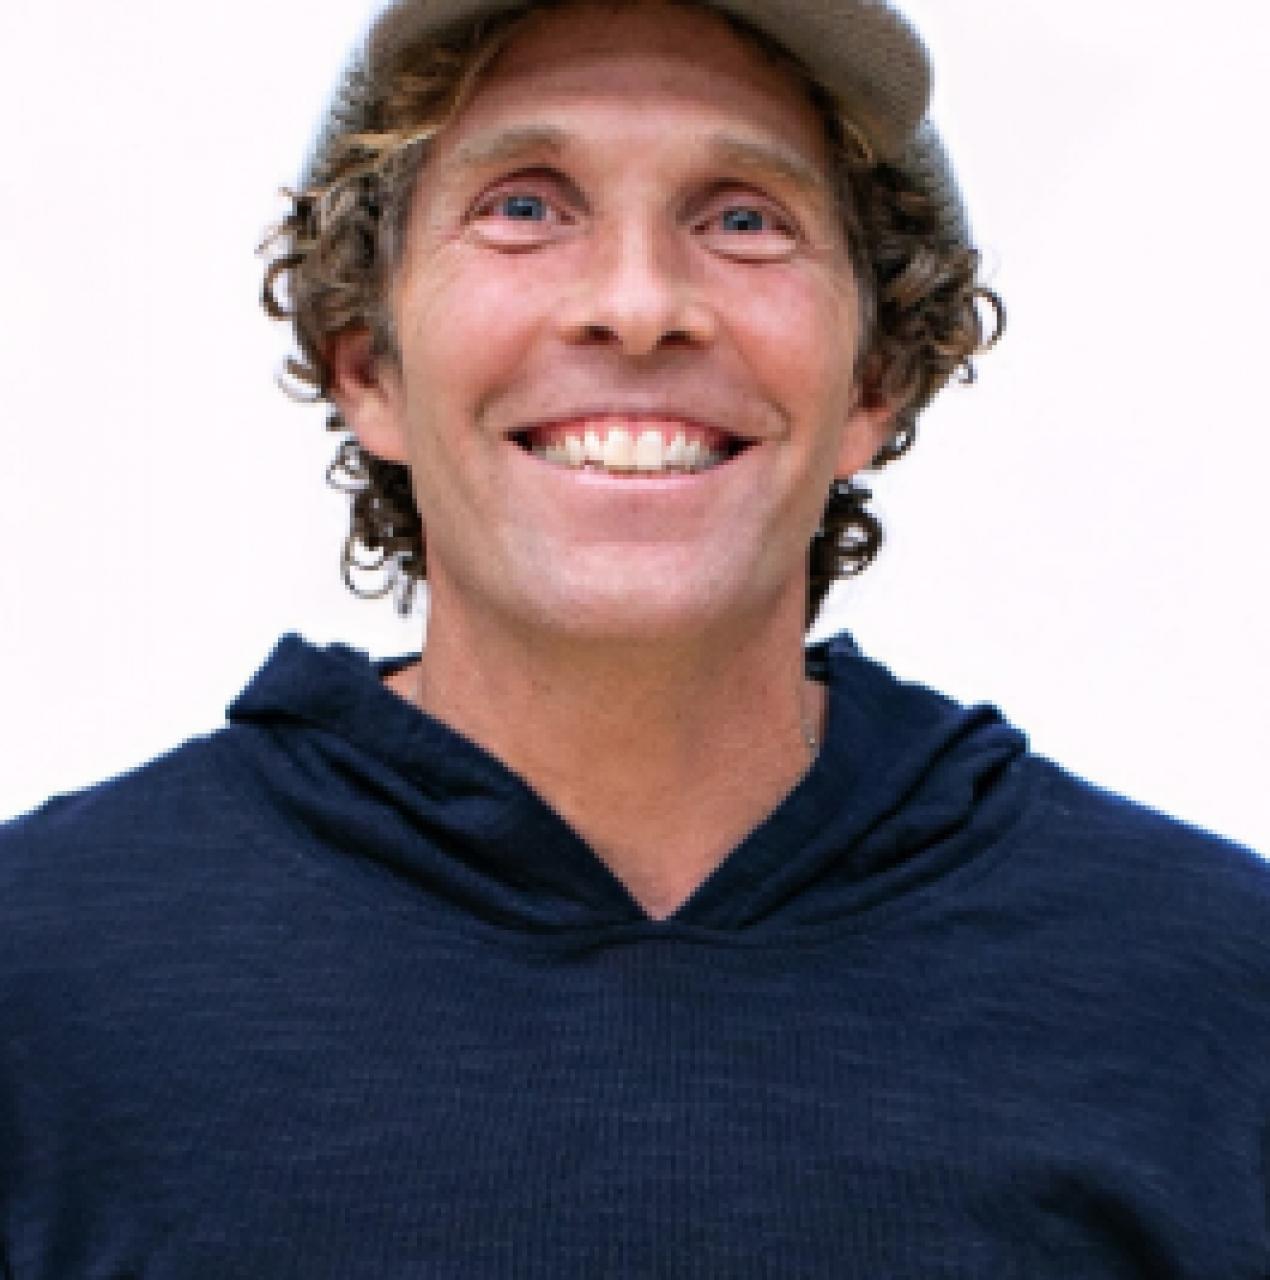 Jesse Itzler